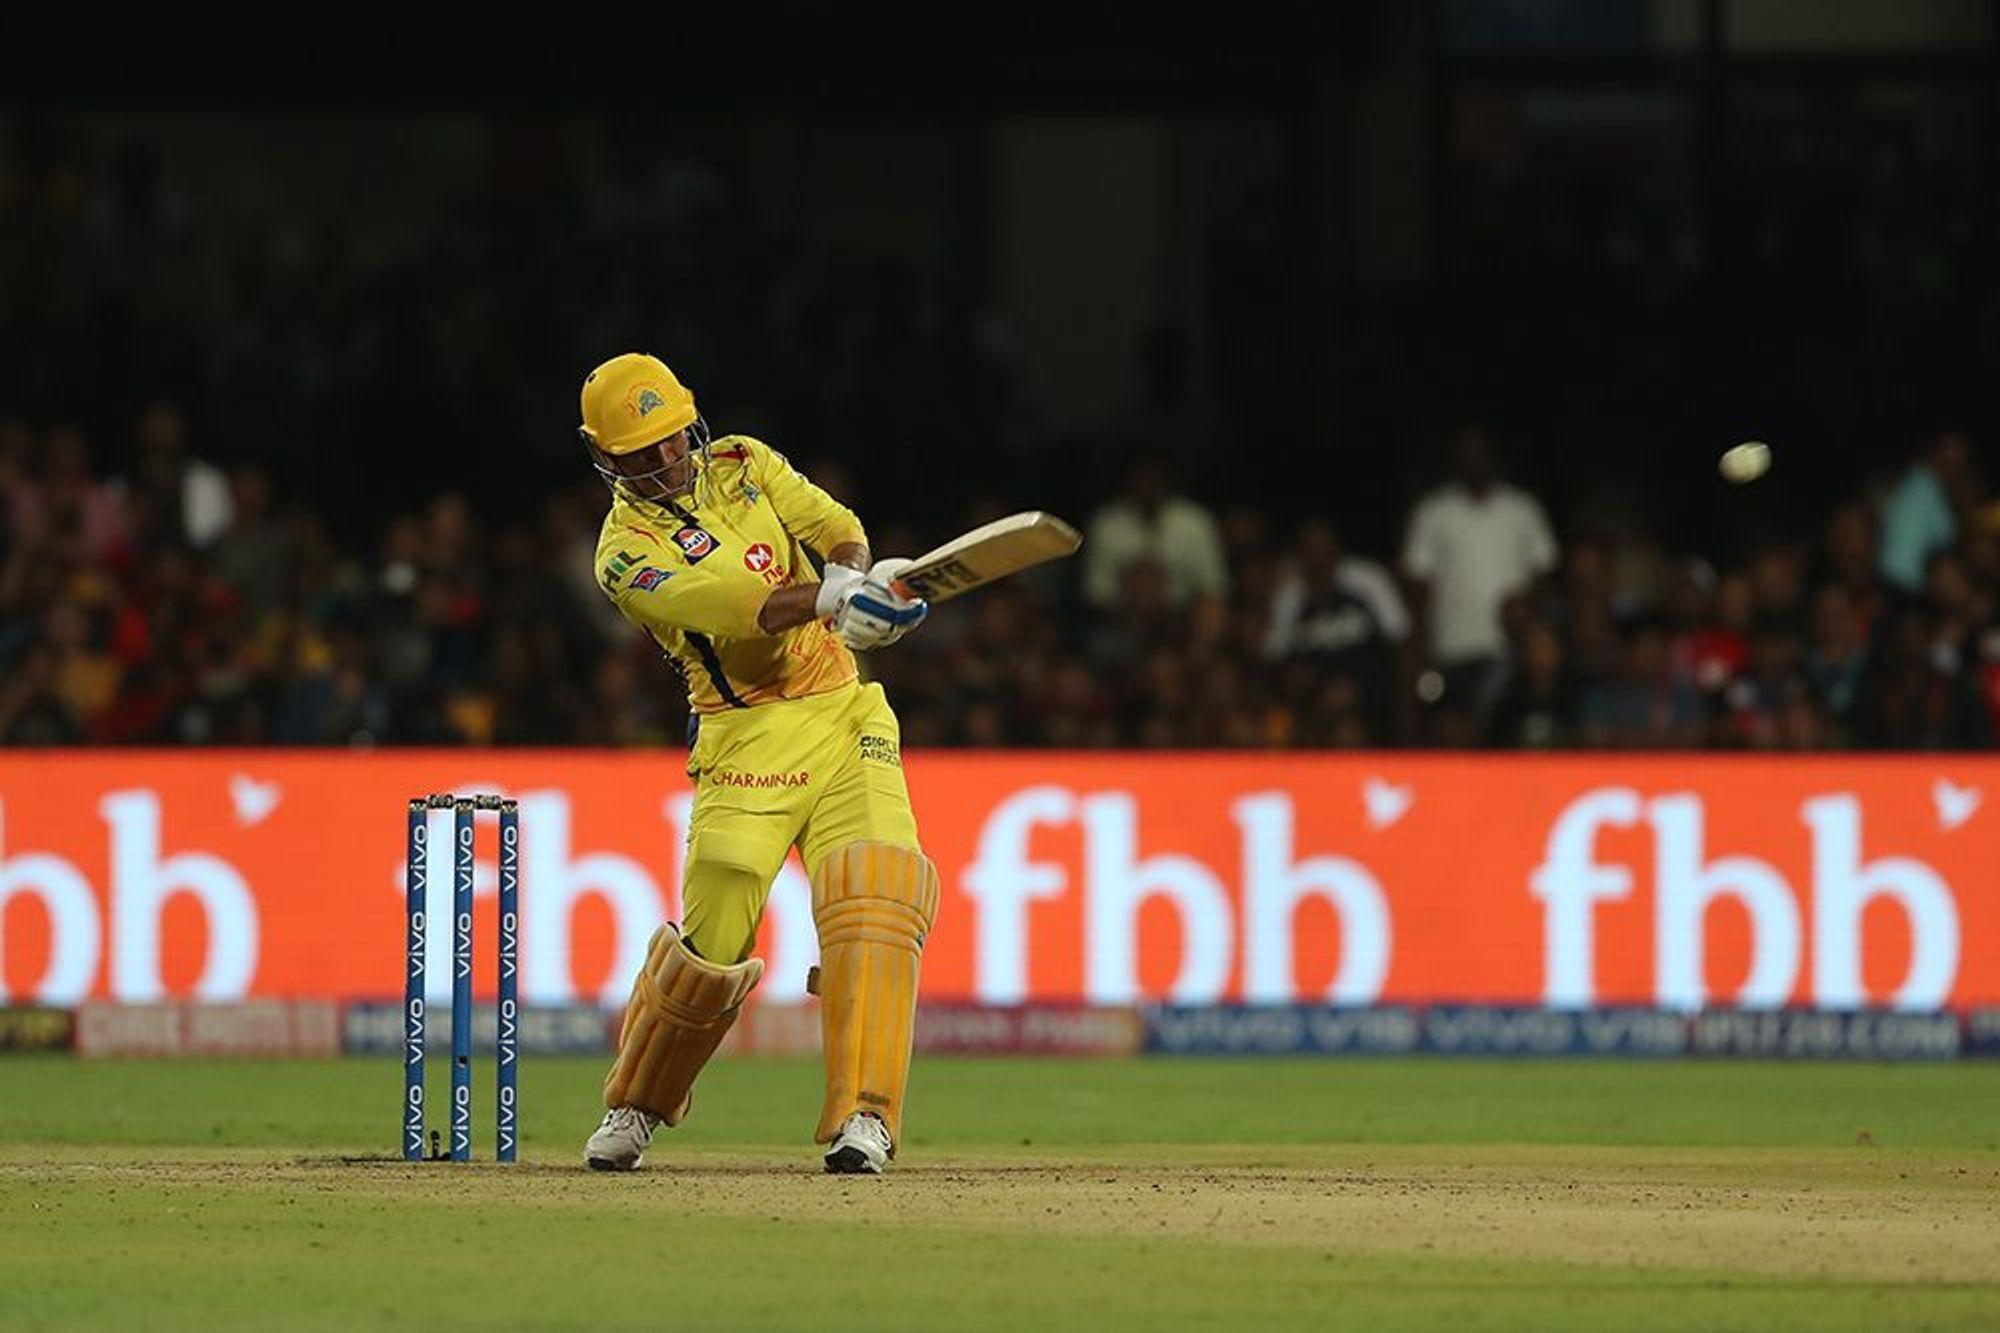 आईपीएल 2019 : बैंगलोर से हार के बाद भी 'महेंद्र सिंह धोनी' बने सुपरमैन 30